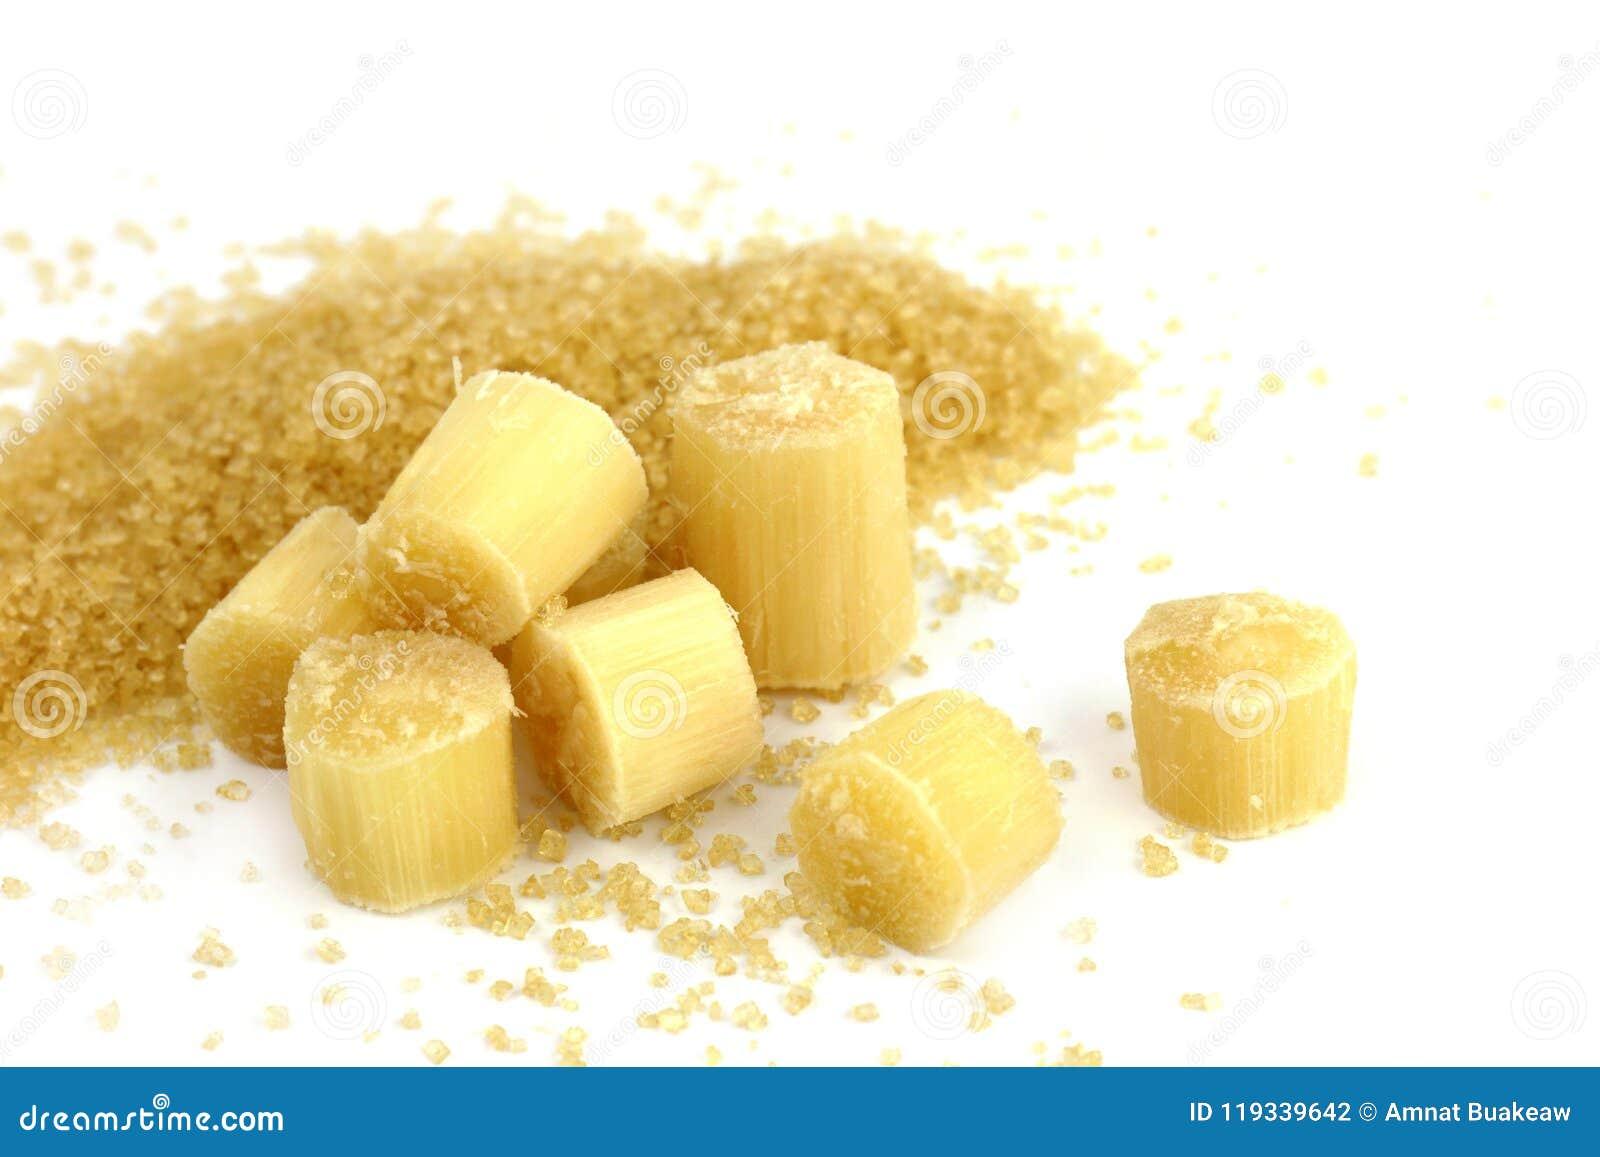 Сахар и сахарный тростник, часть сахарного тростника отрезанная и сахар сахарного тростника раздробленная изолированная на белой